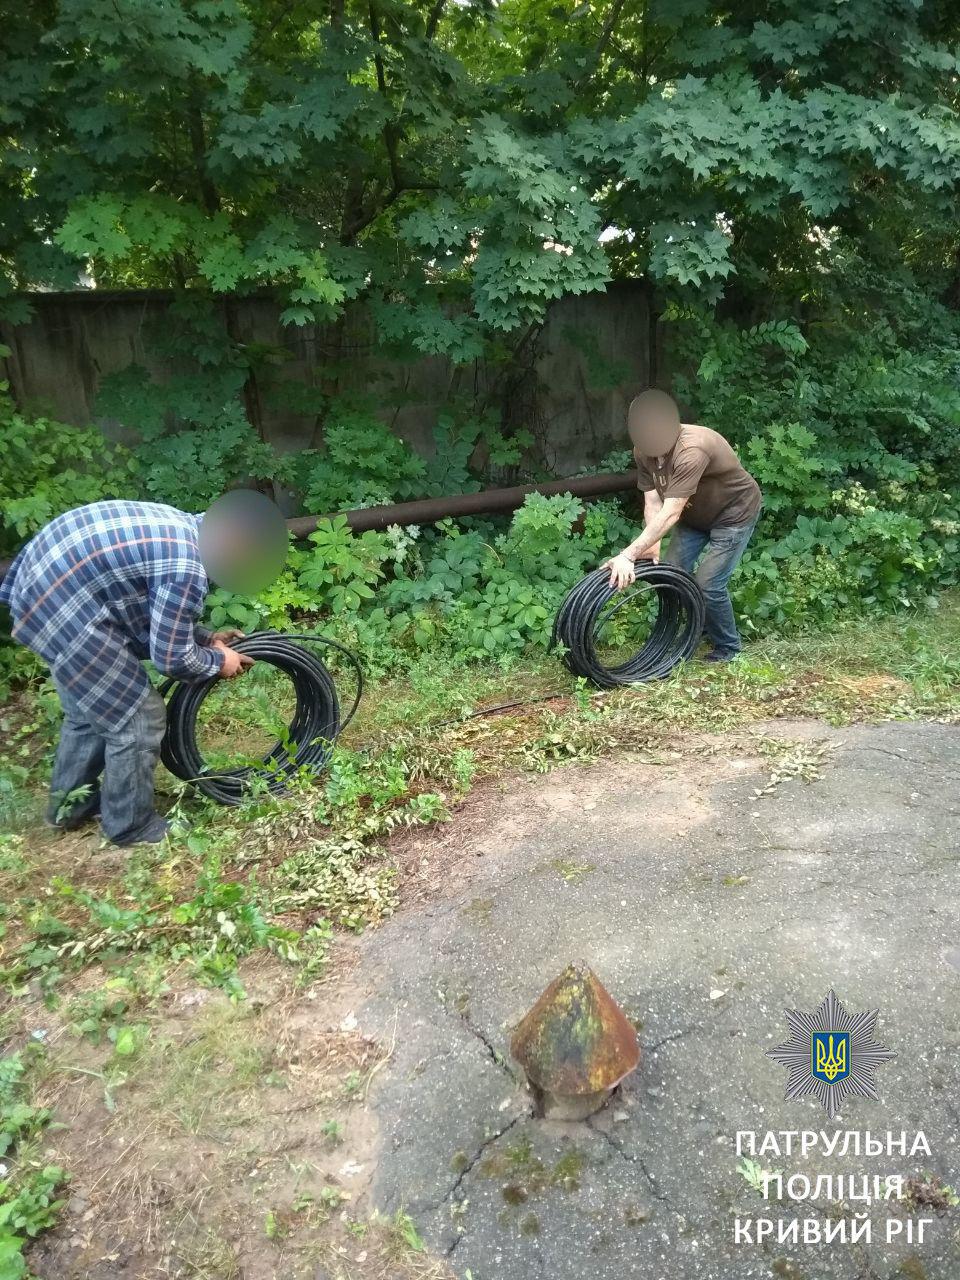 Двое криворожан не смогли объяснить, откуда взяли украденный кабель, - ФОТО, фото-7